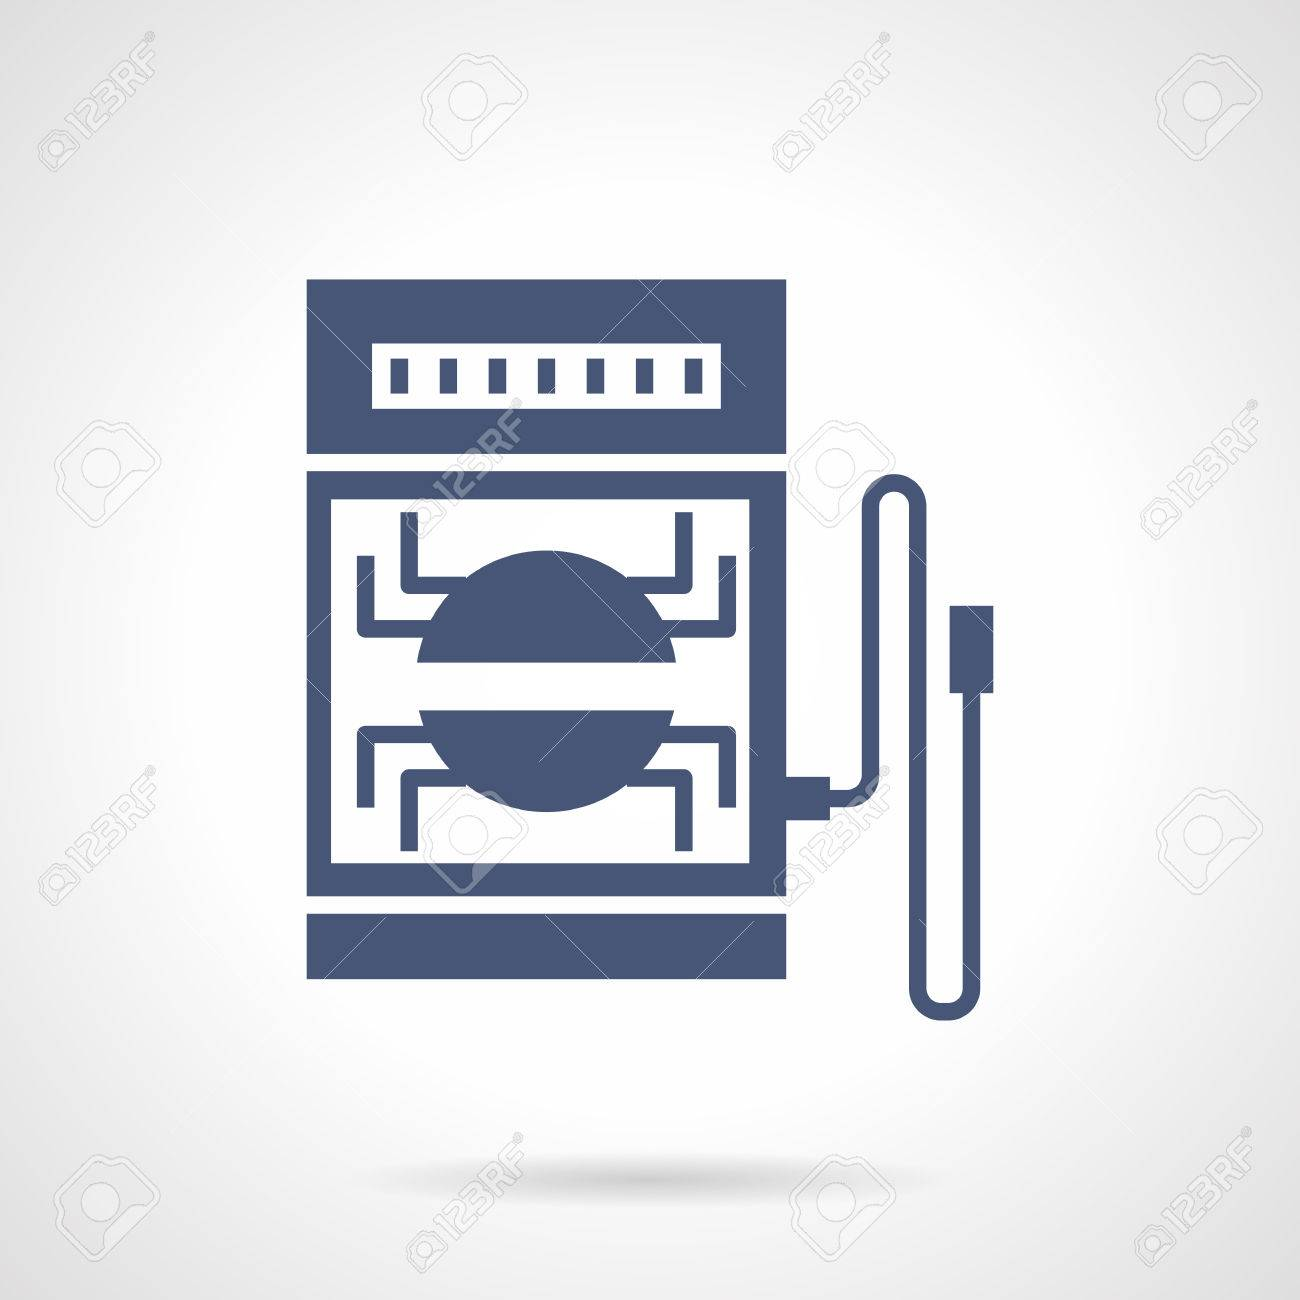 Kombinierte Elektrische Messgerät. Elektrisches Multimeter Zur ...